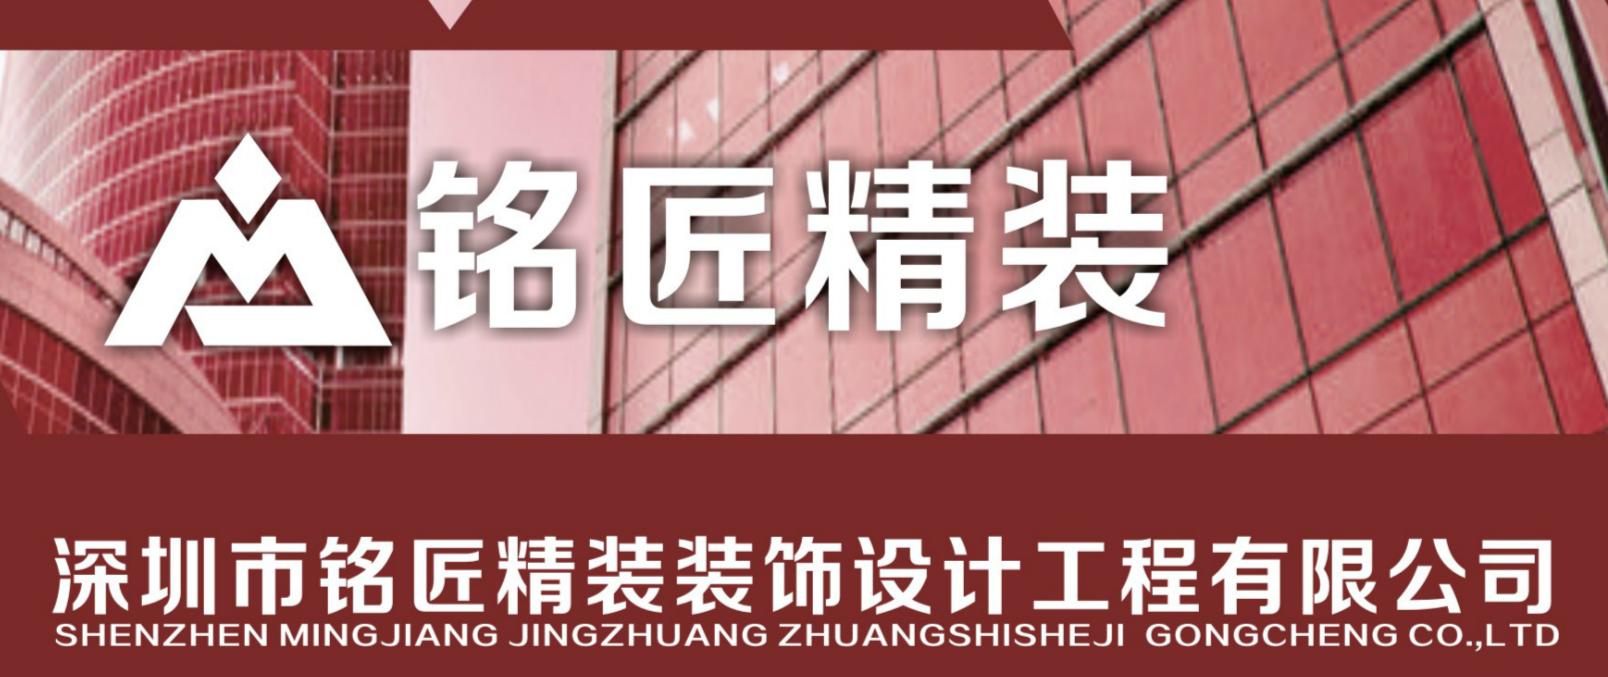 深圳市铭匠精装装饰设计工程有限公司